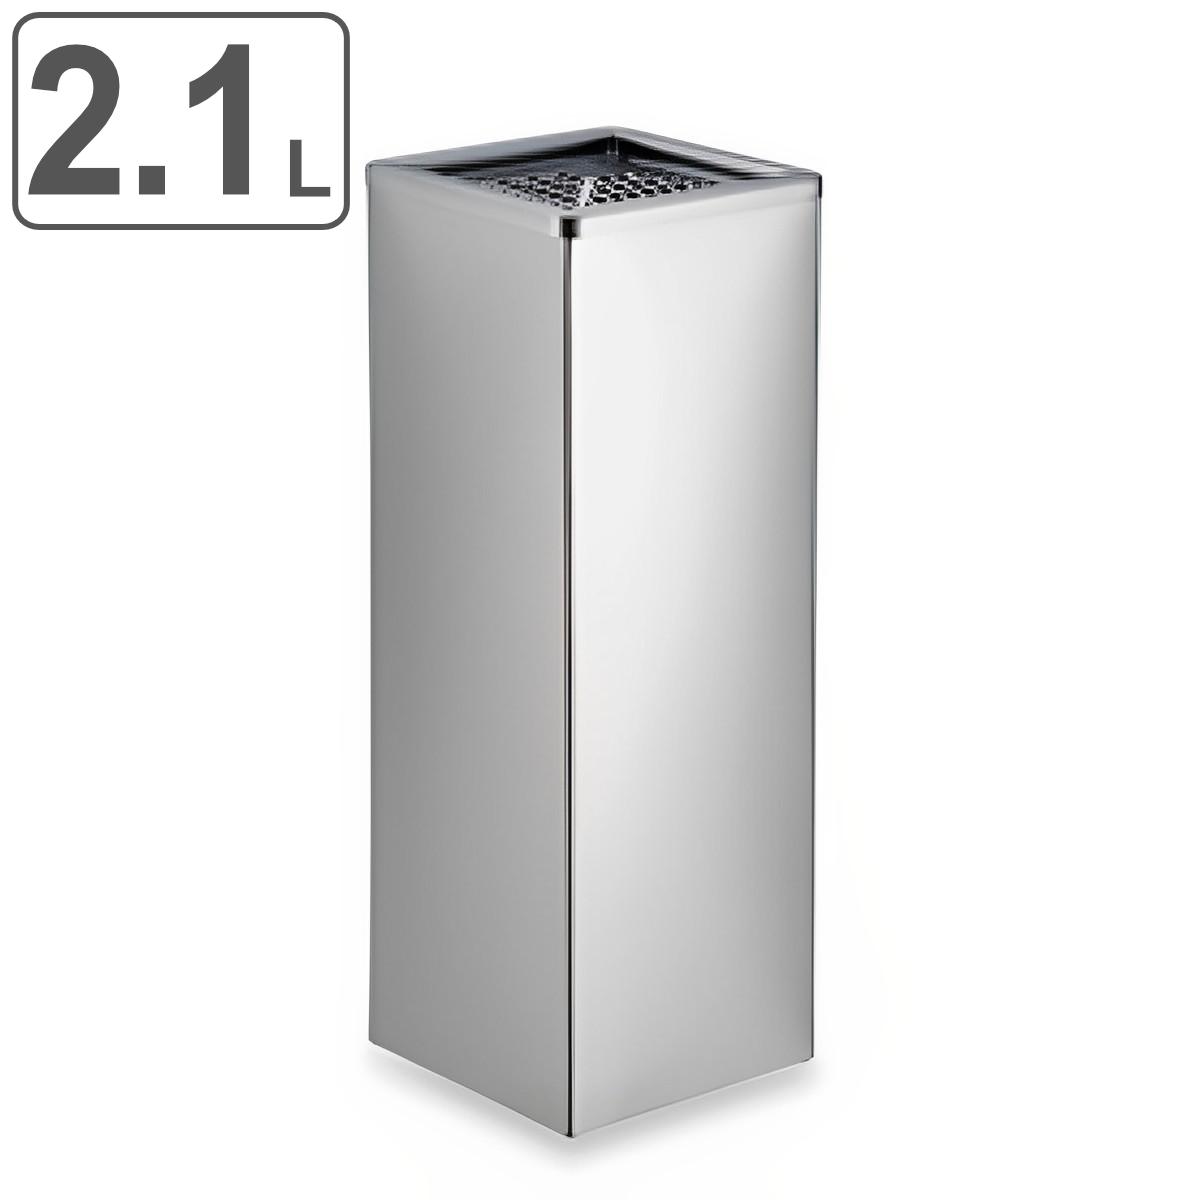 灰皿 スタンド角型 ステンレス製 2.1L ( 送料無料 スモーキングスタンド 吸いがら入れ )